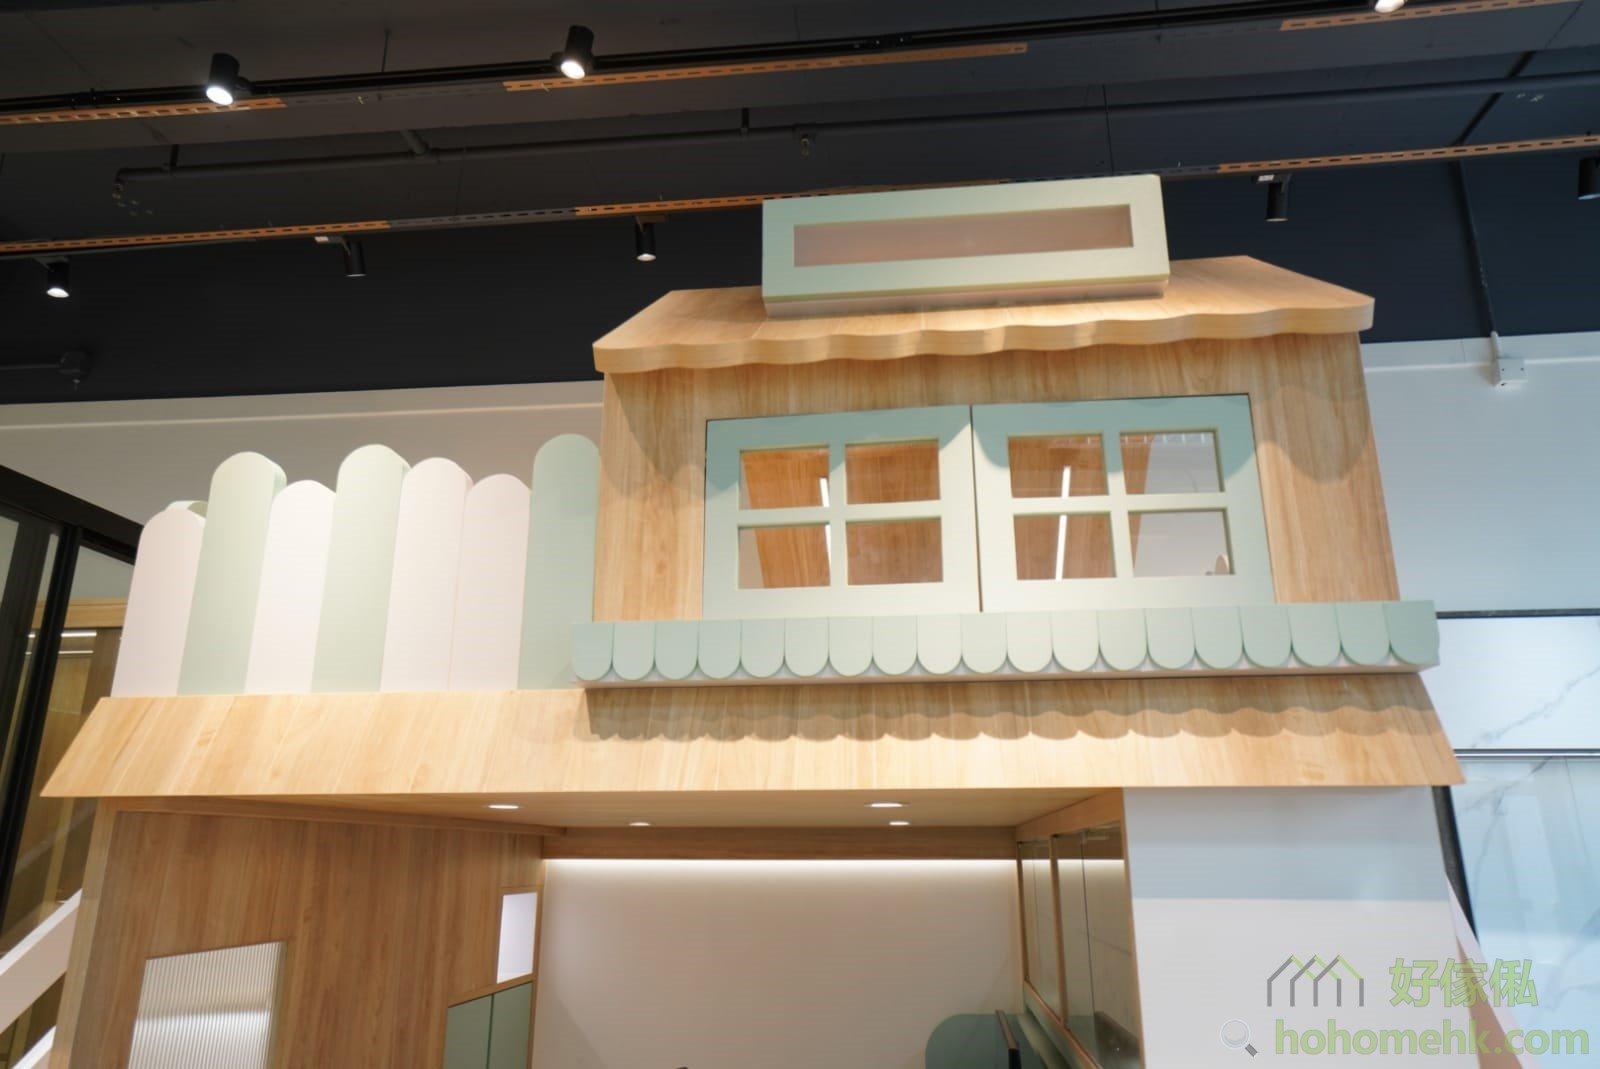 屋仔床看點: 天窗、雨棚、歐式窗口、花槽